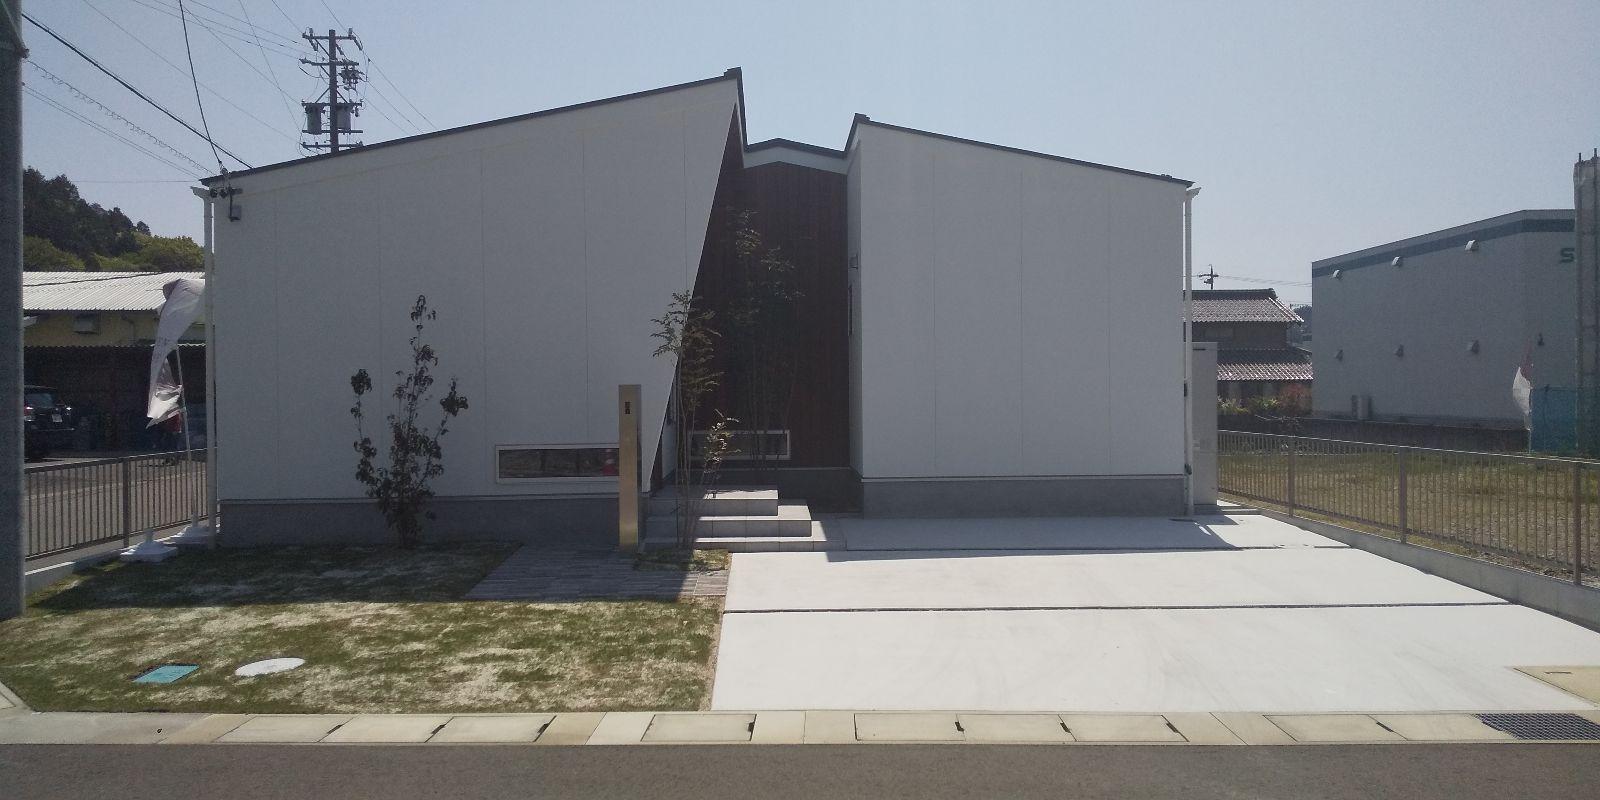 関市稲口壱町田 土地+建物 3,290万円 安桜小 / 桜ヶ丘中